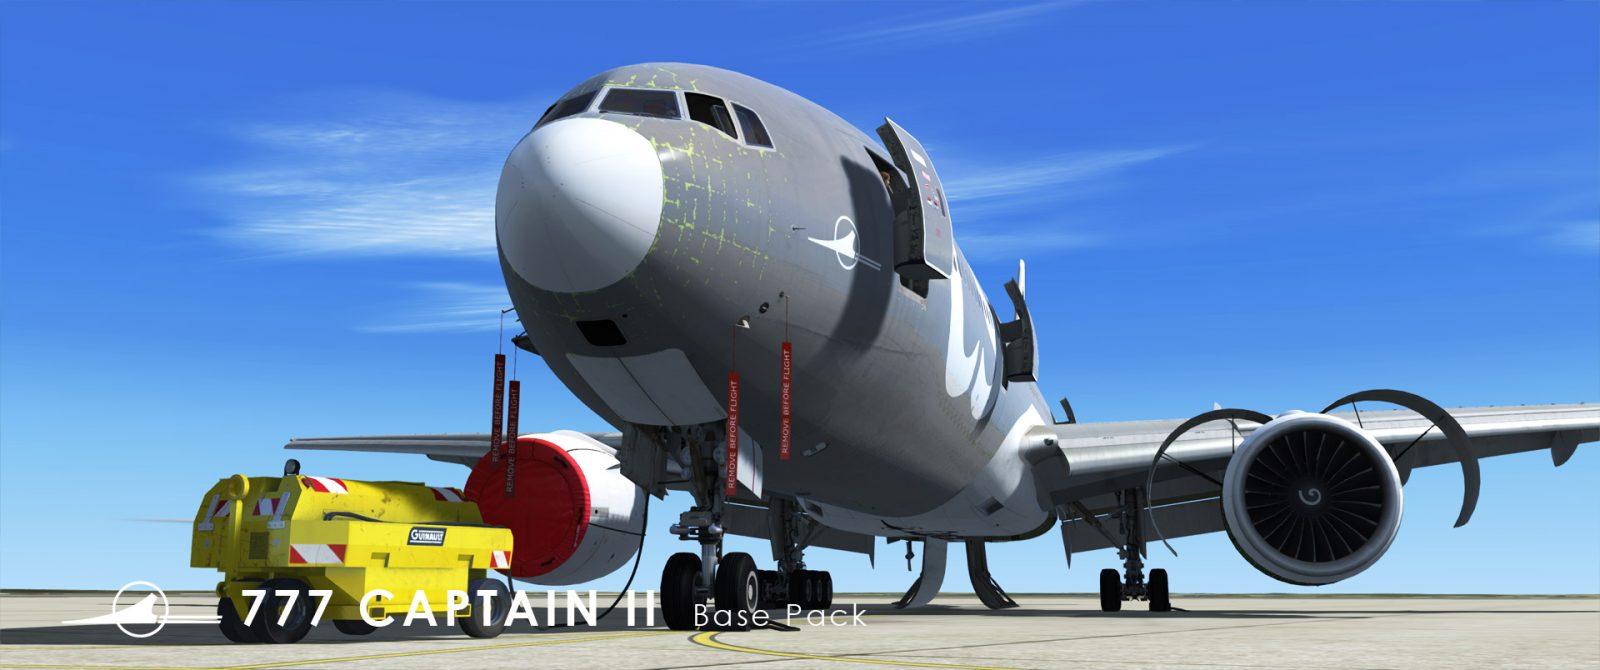 captain-sim-777-p3dv4-16-1600x670.jpg